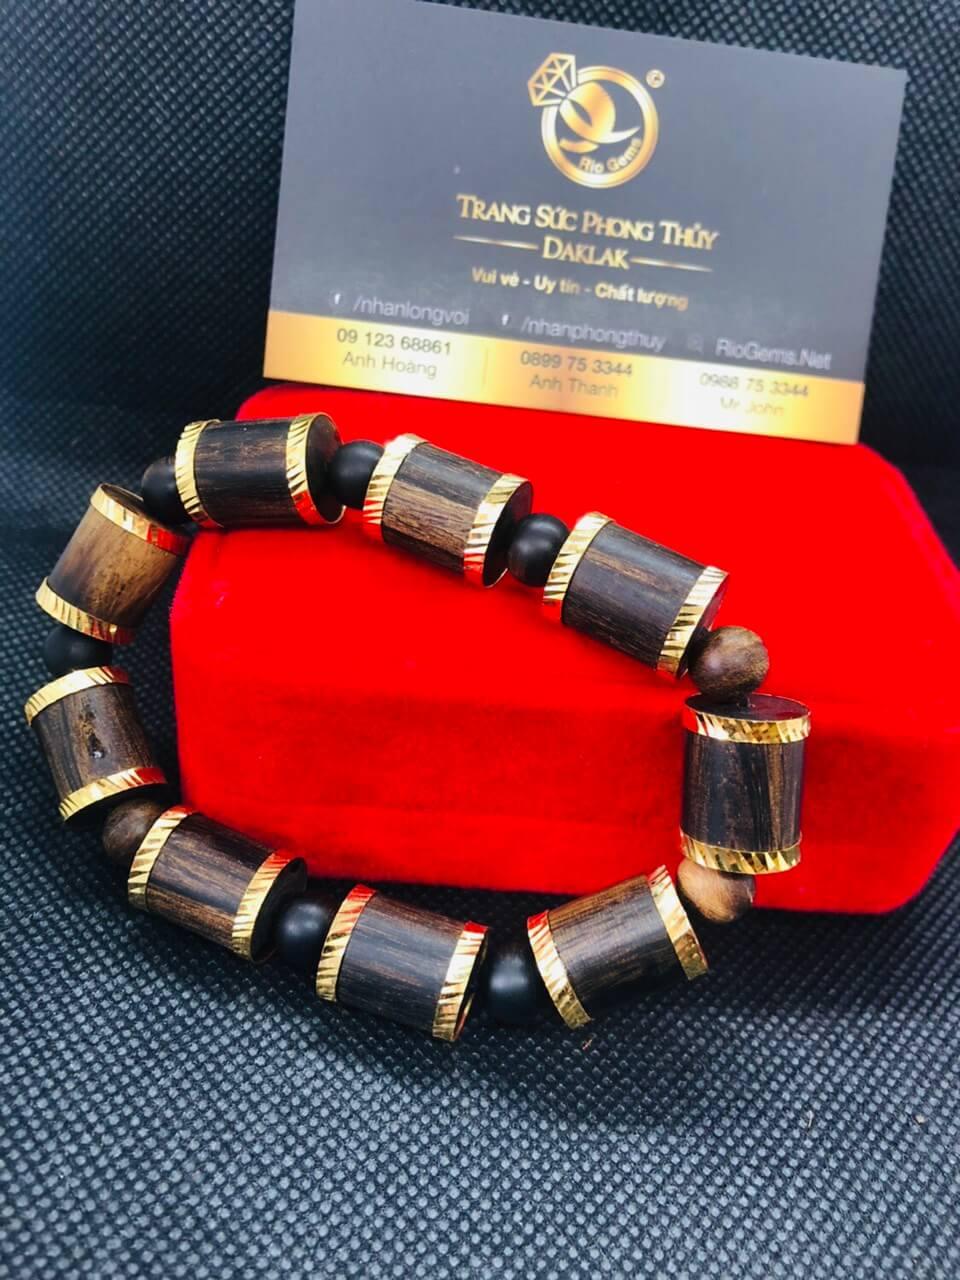 Vòng tay trầm hương khúc trúc mix vàng gia công tinh xảo và chất lượng